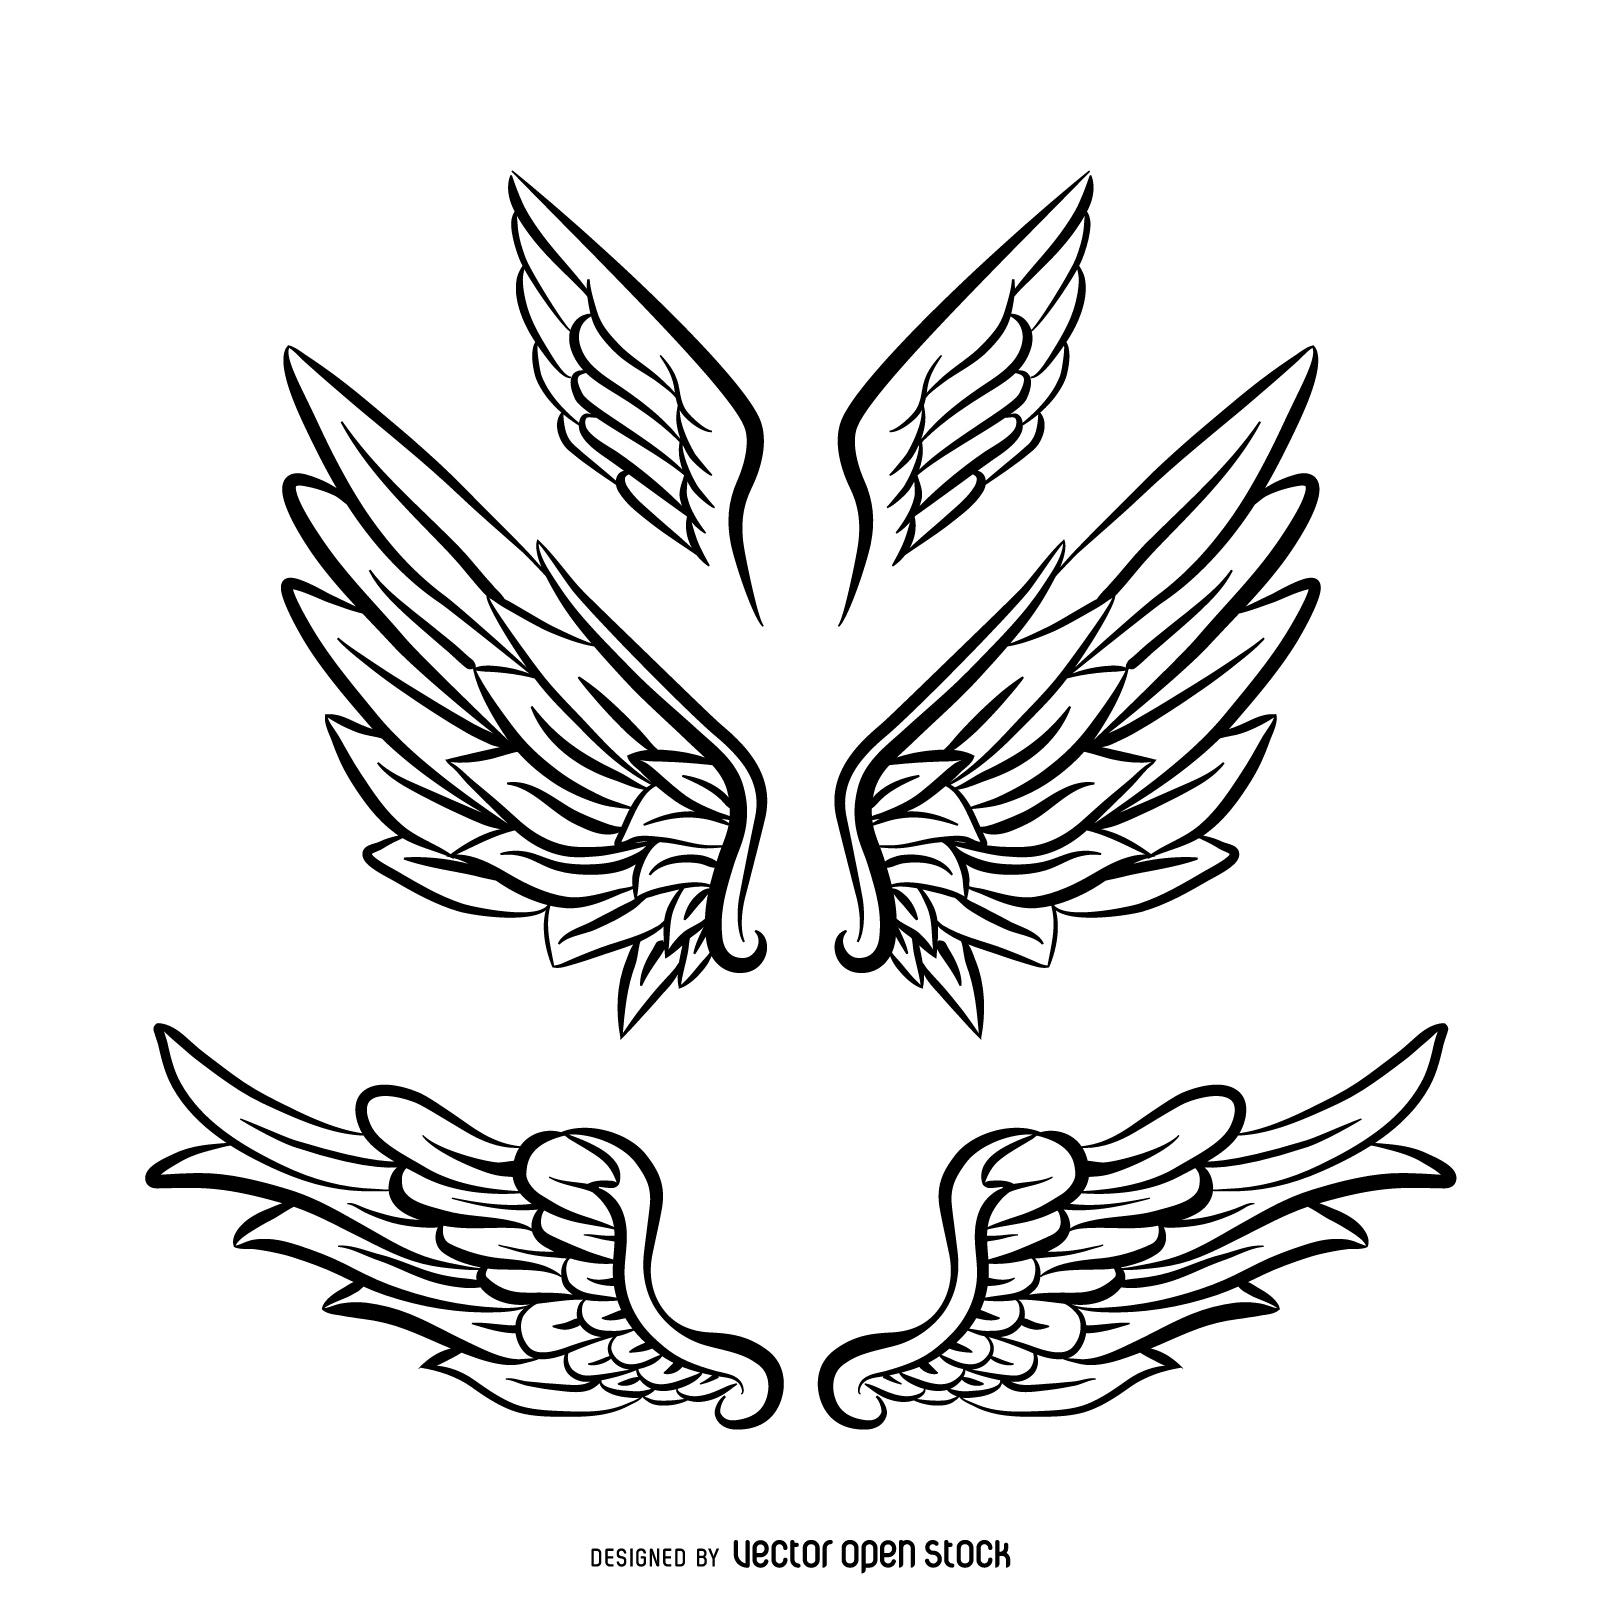 1601x1601 Angel Wings Line Drawing 3 Angel Wings Line Art